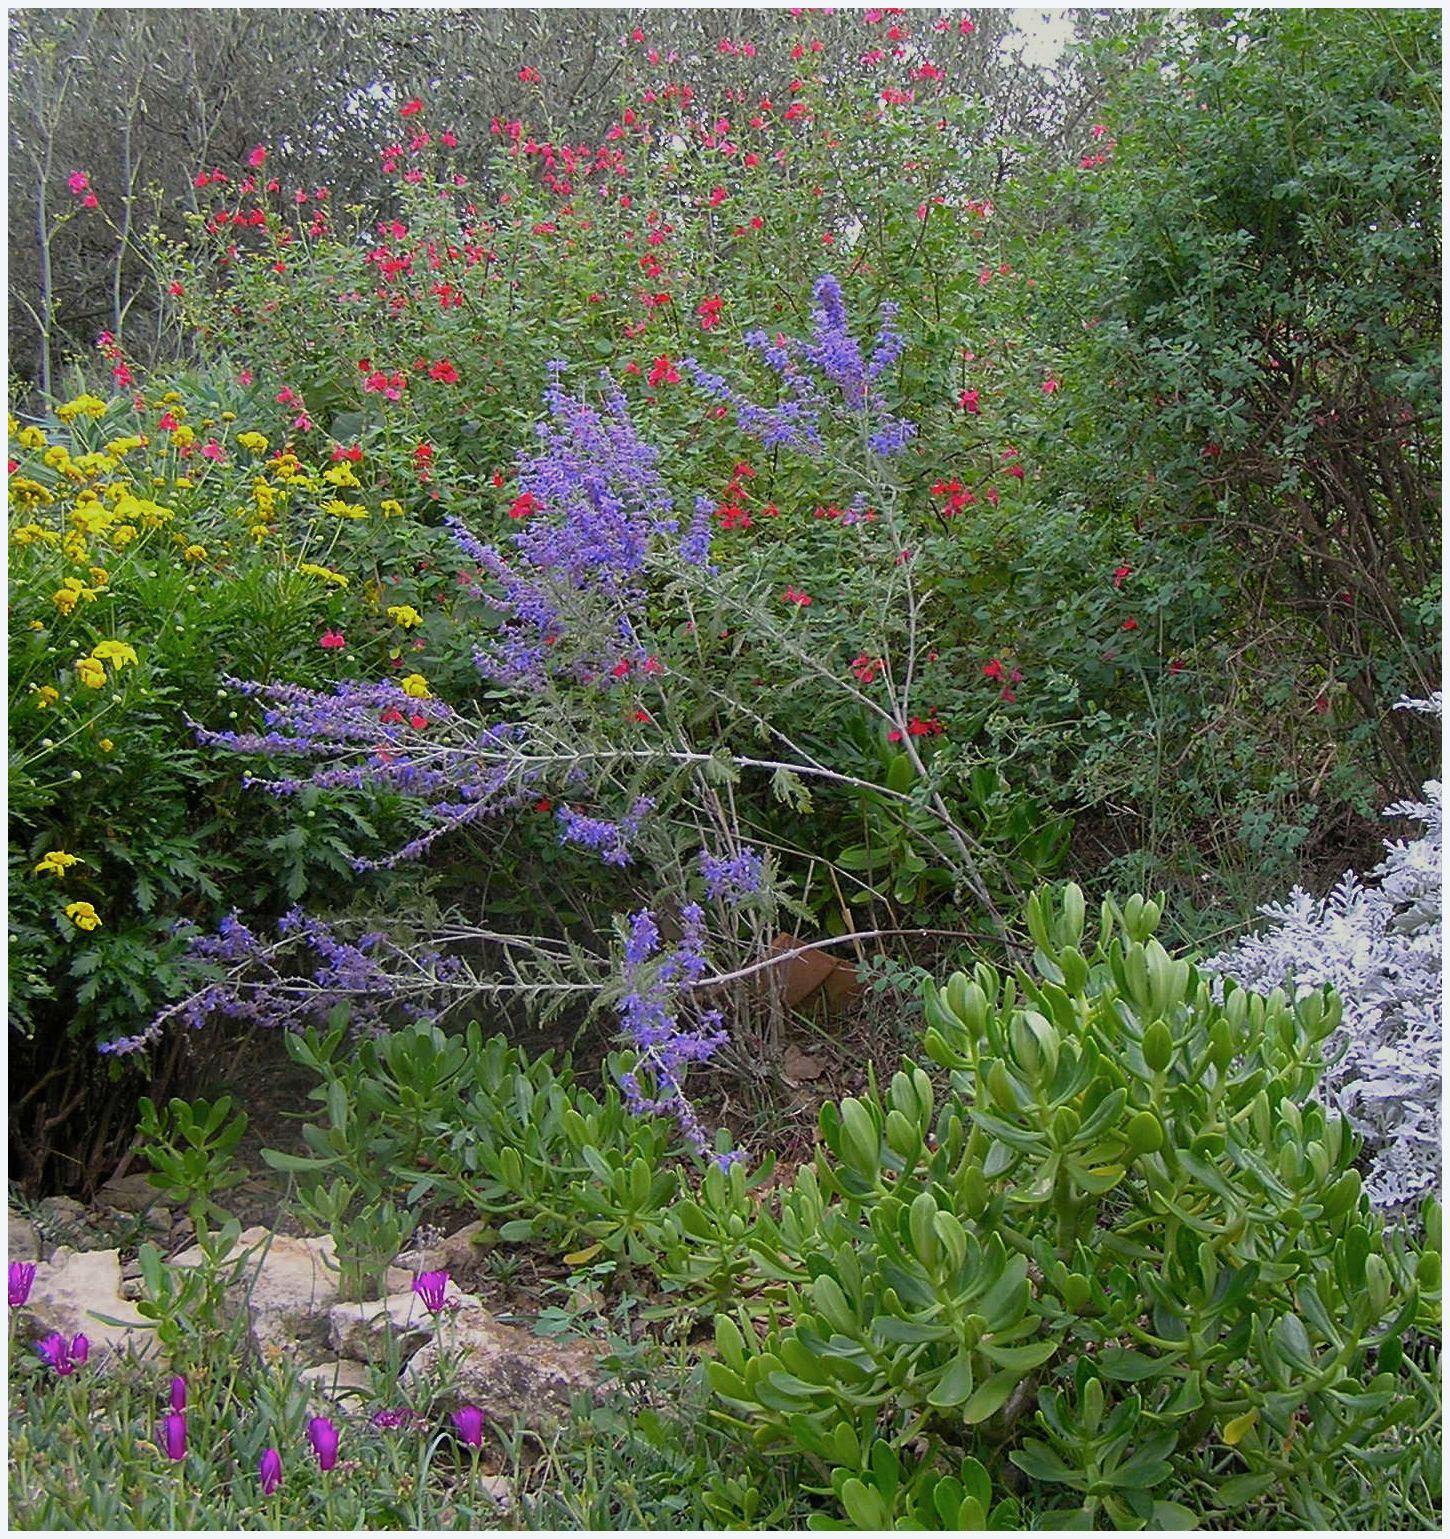 Curieux jardin octobre en bleu dans mon jardin for Jardin octobre 2015